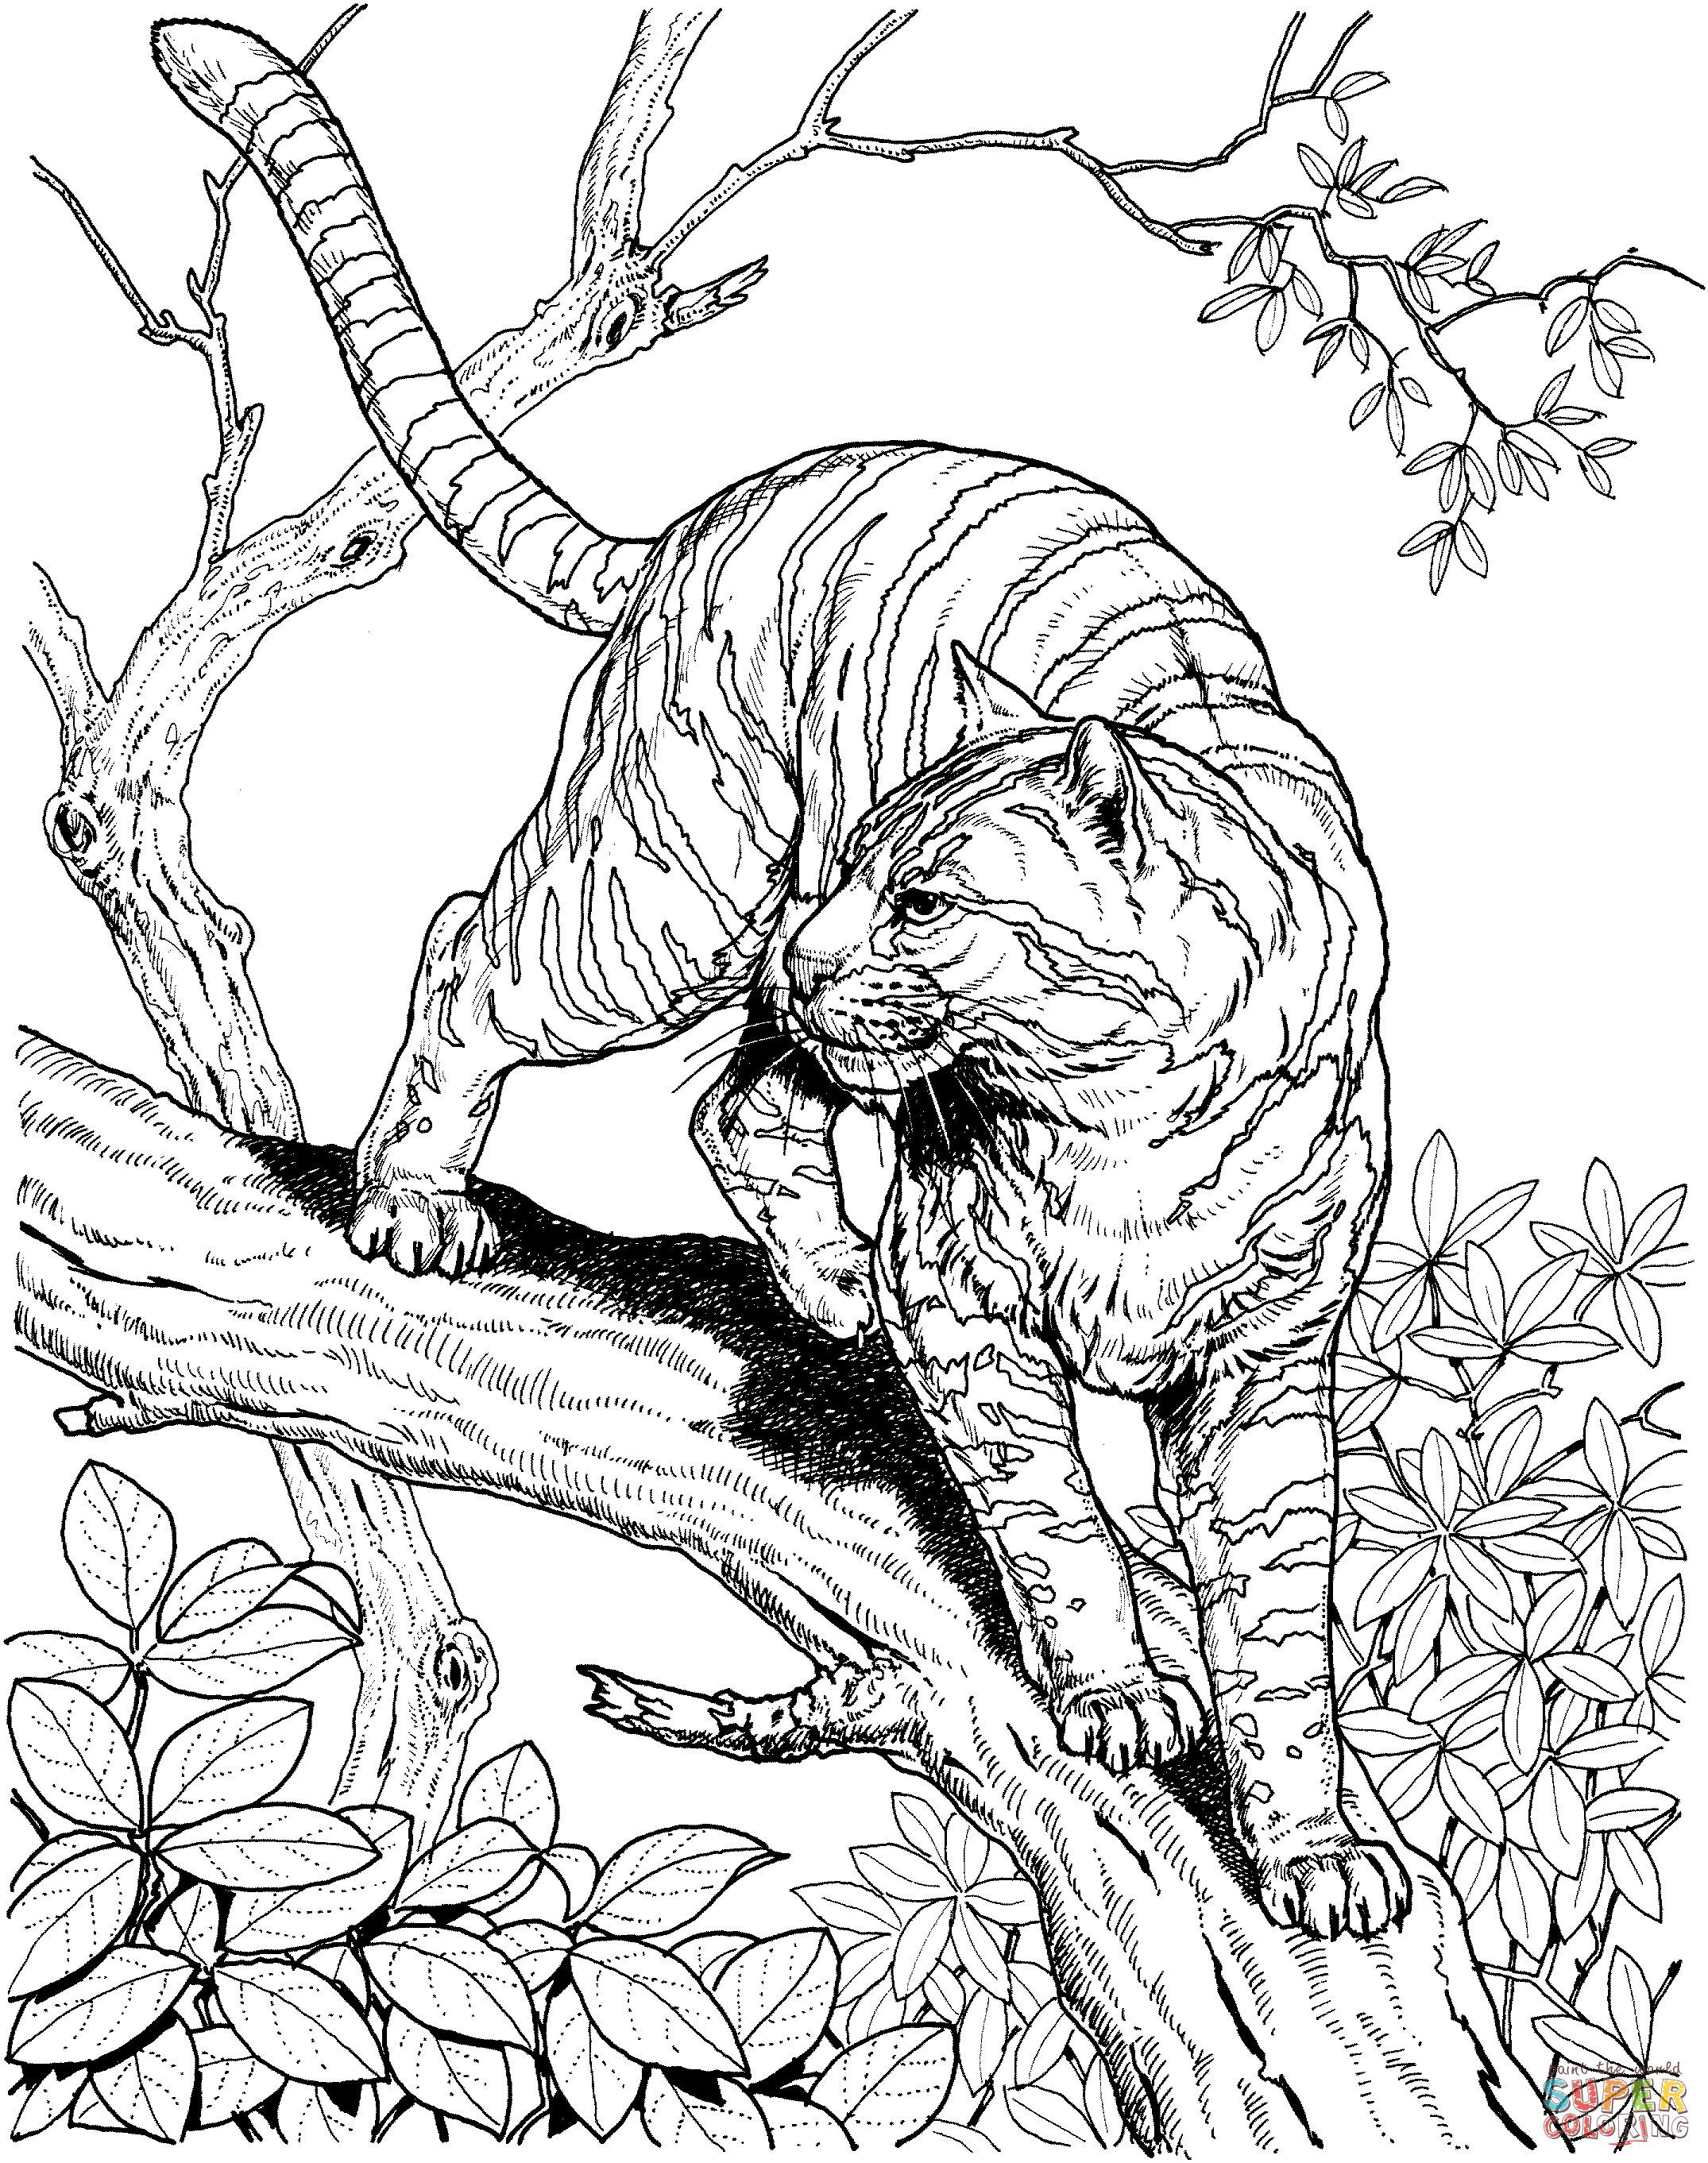 Wolf Bilder Zum Ausmalen Das Beste Von Image Result for Adult Jungle Coloring Pages Neu Peter Und Der Wolf Das Bild